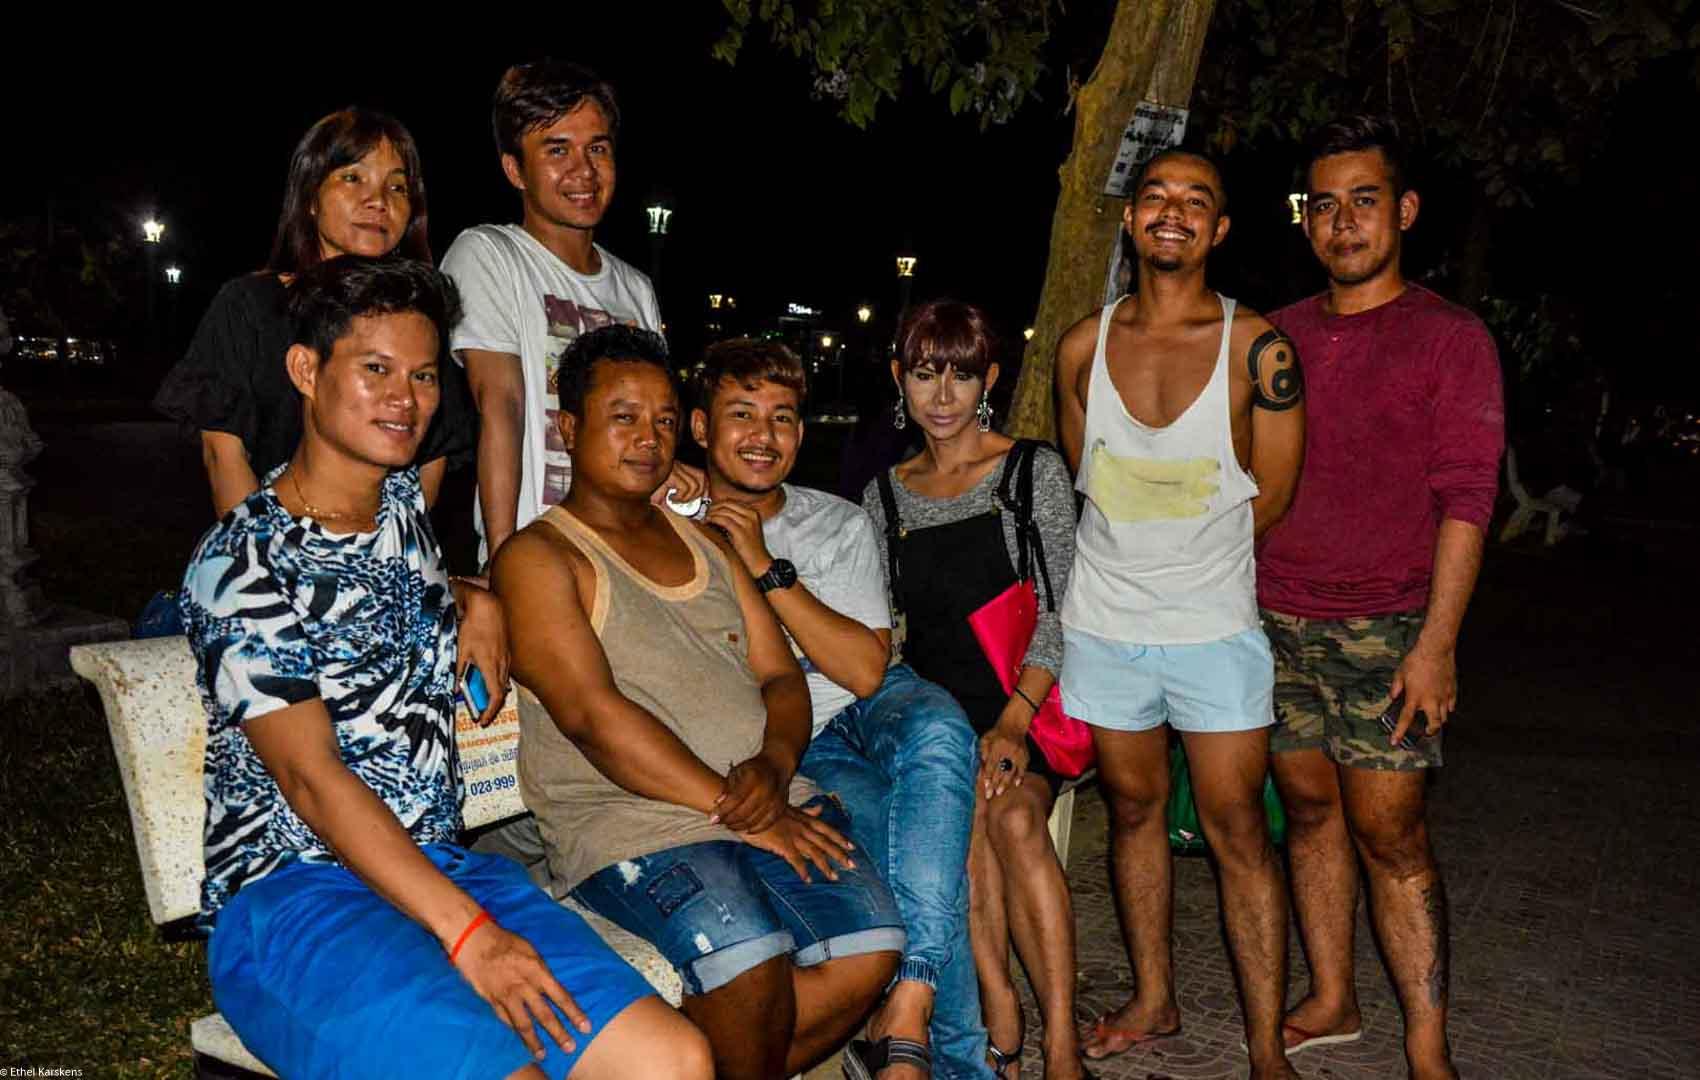 Femmes et hommes dans le parc (LGBT community)